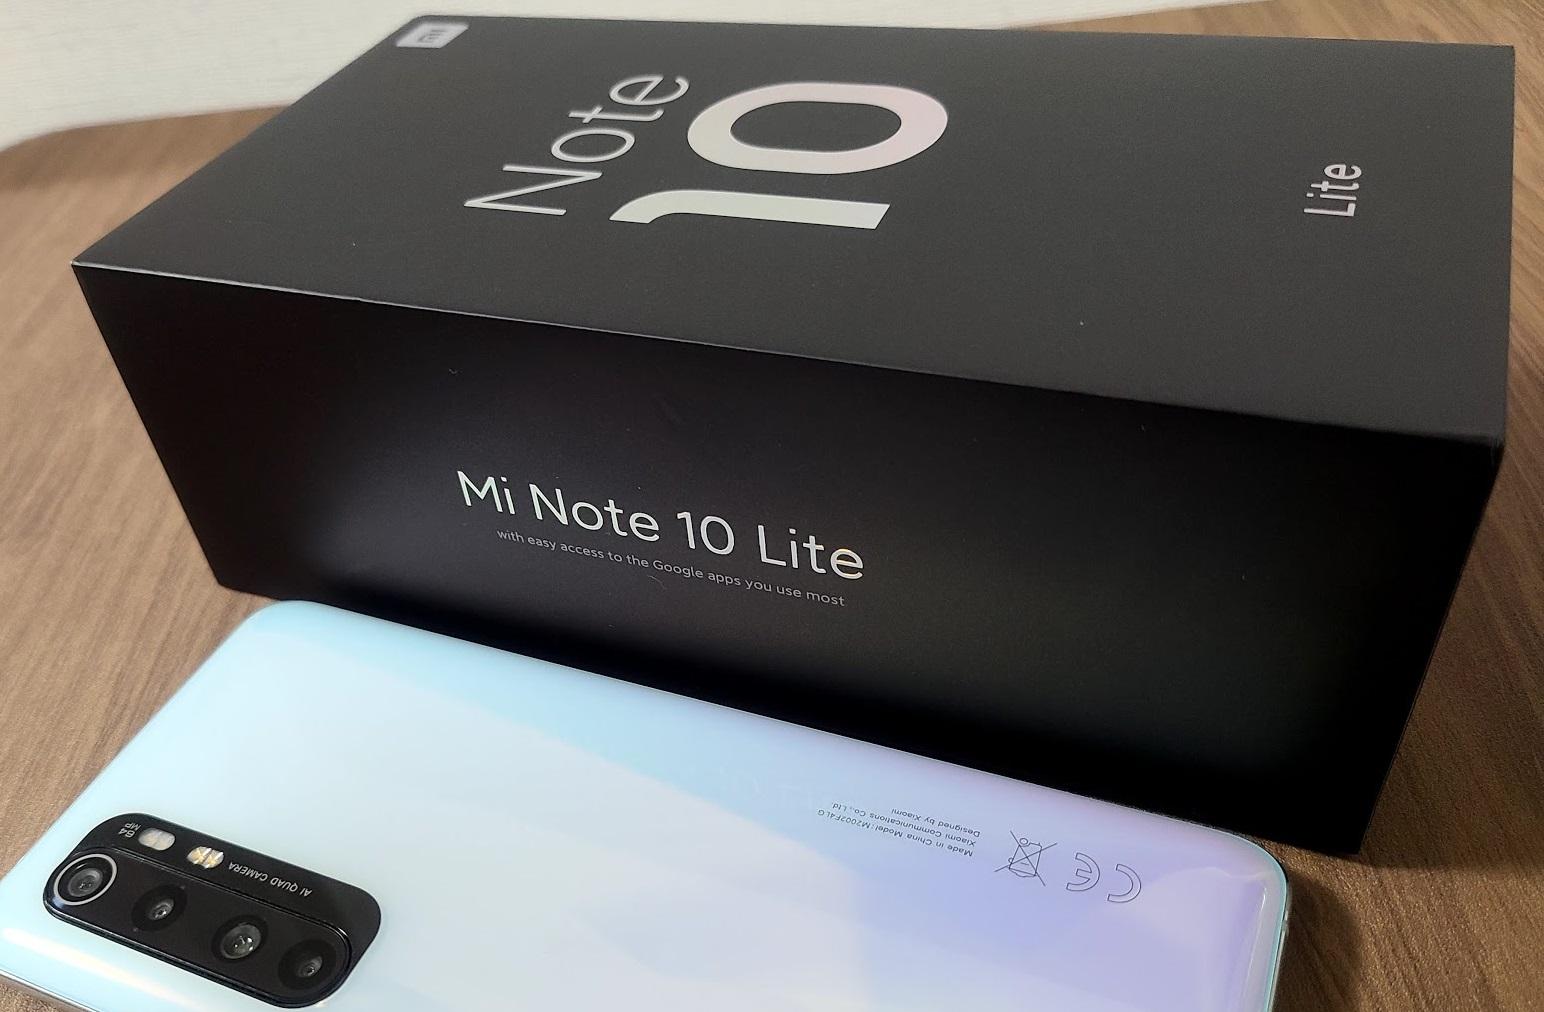 Xiaomi Mi Note 10 liteのレビュー これが3万円台なんて夢みたいだ・・   ガジェタク